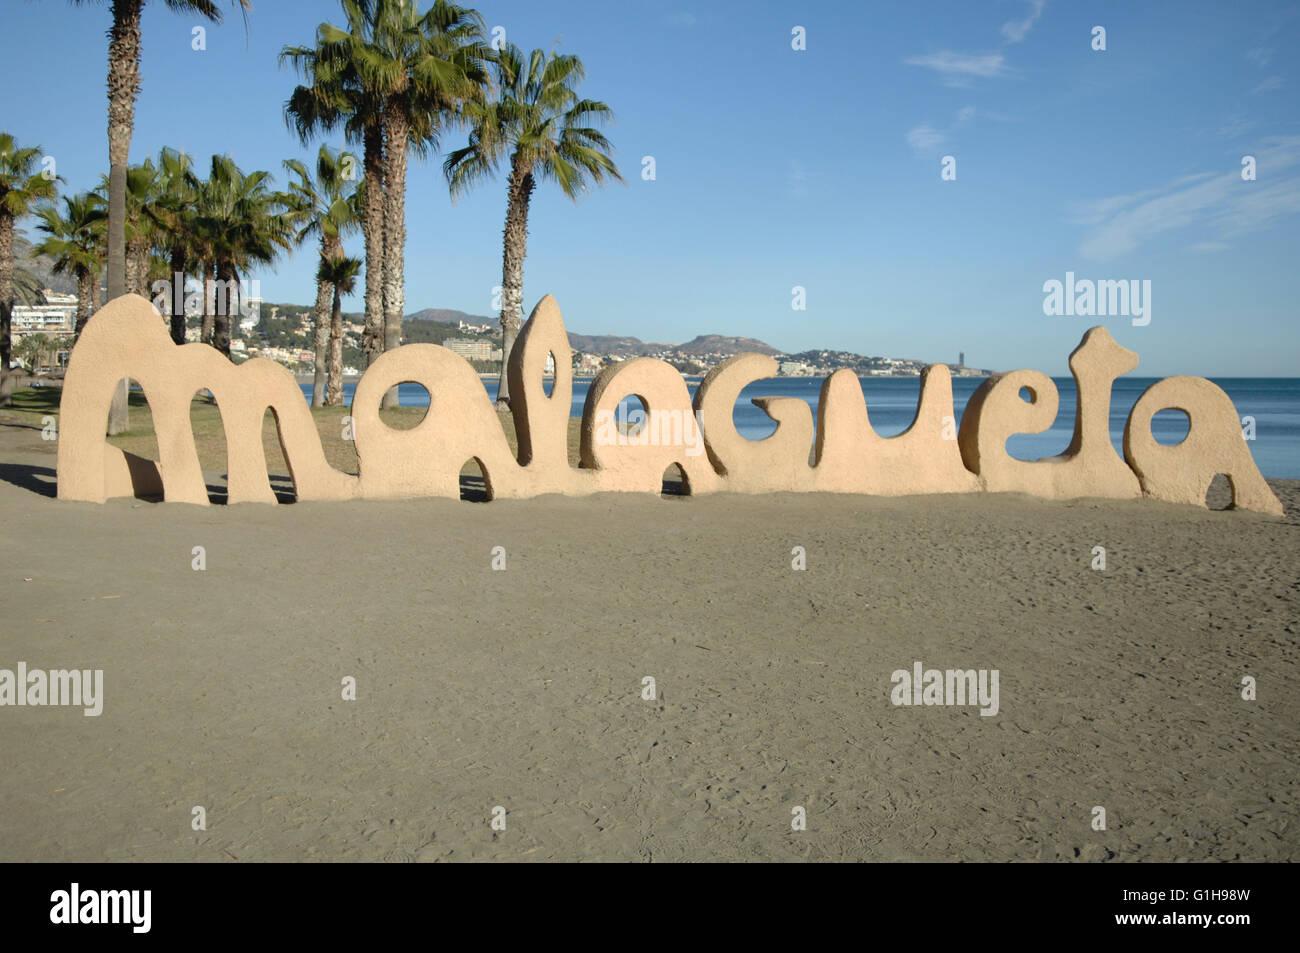 Malaga words written on beach - Stock Image